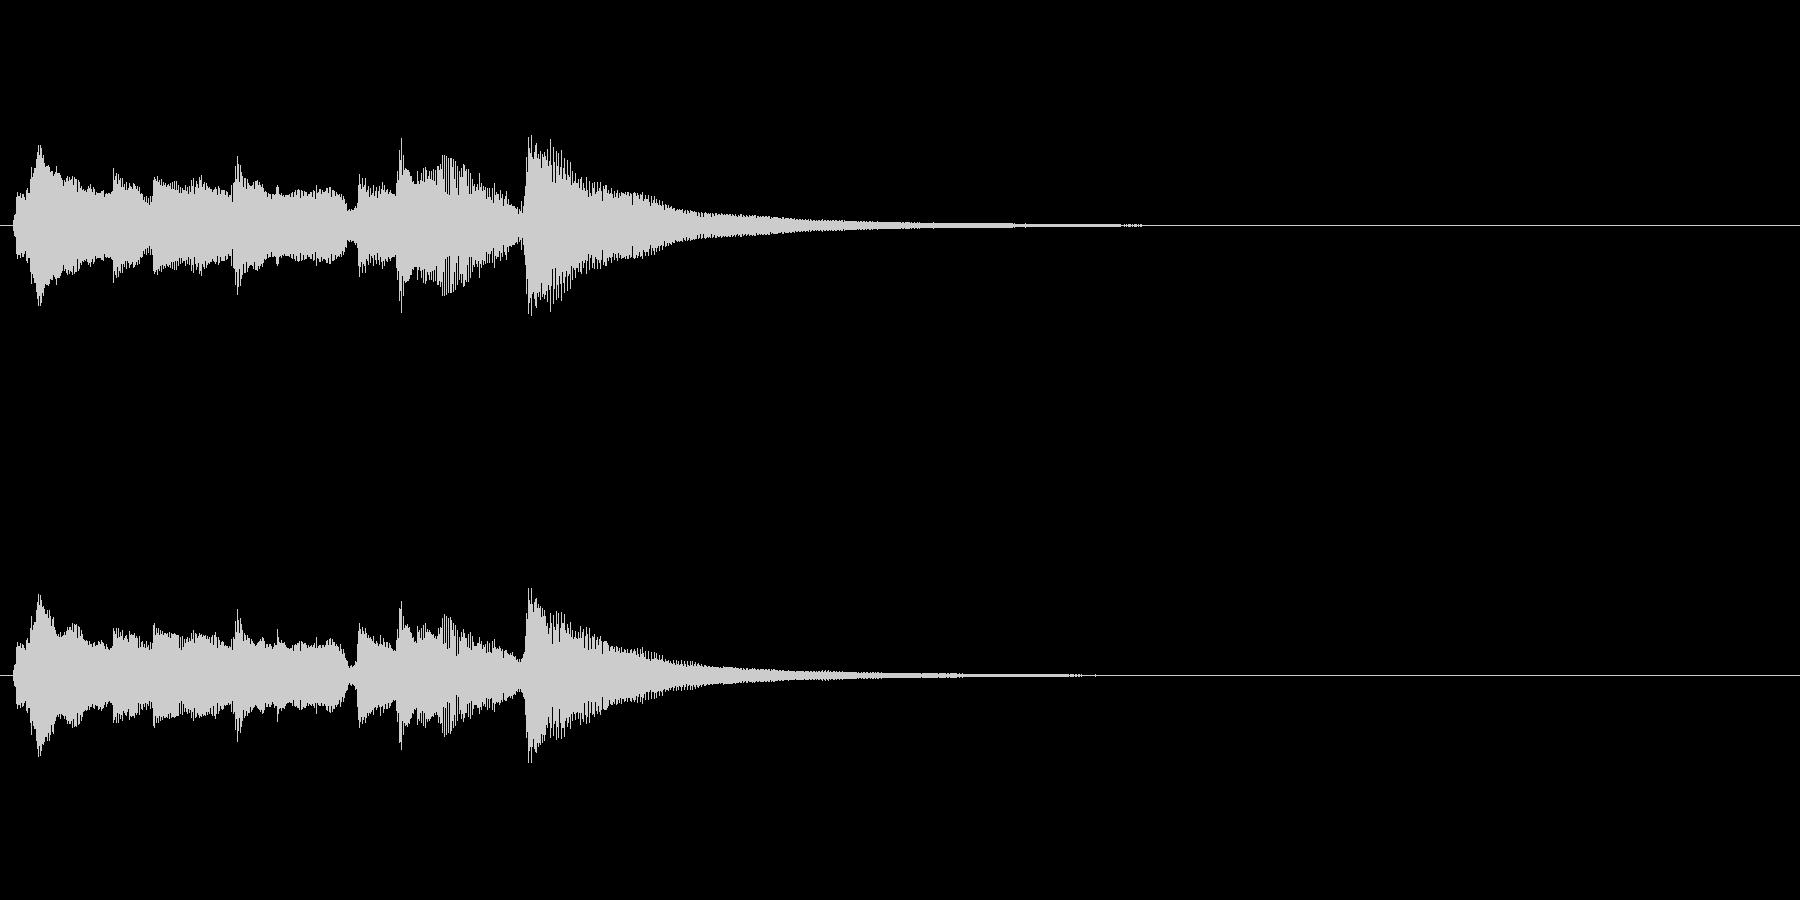 アコースティックギターによるアイキャッチの未再生の波形